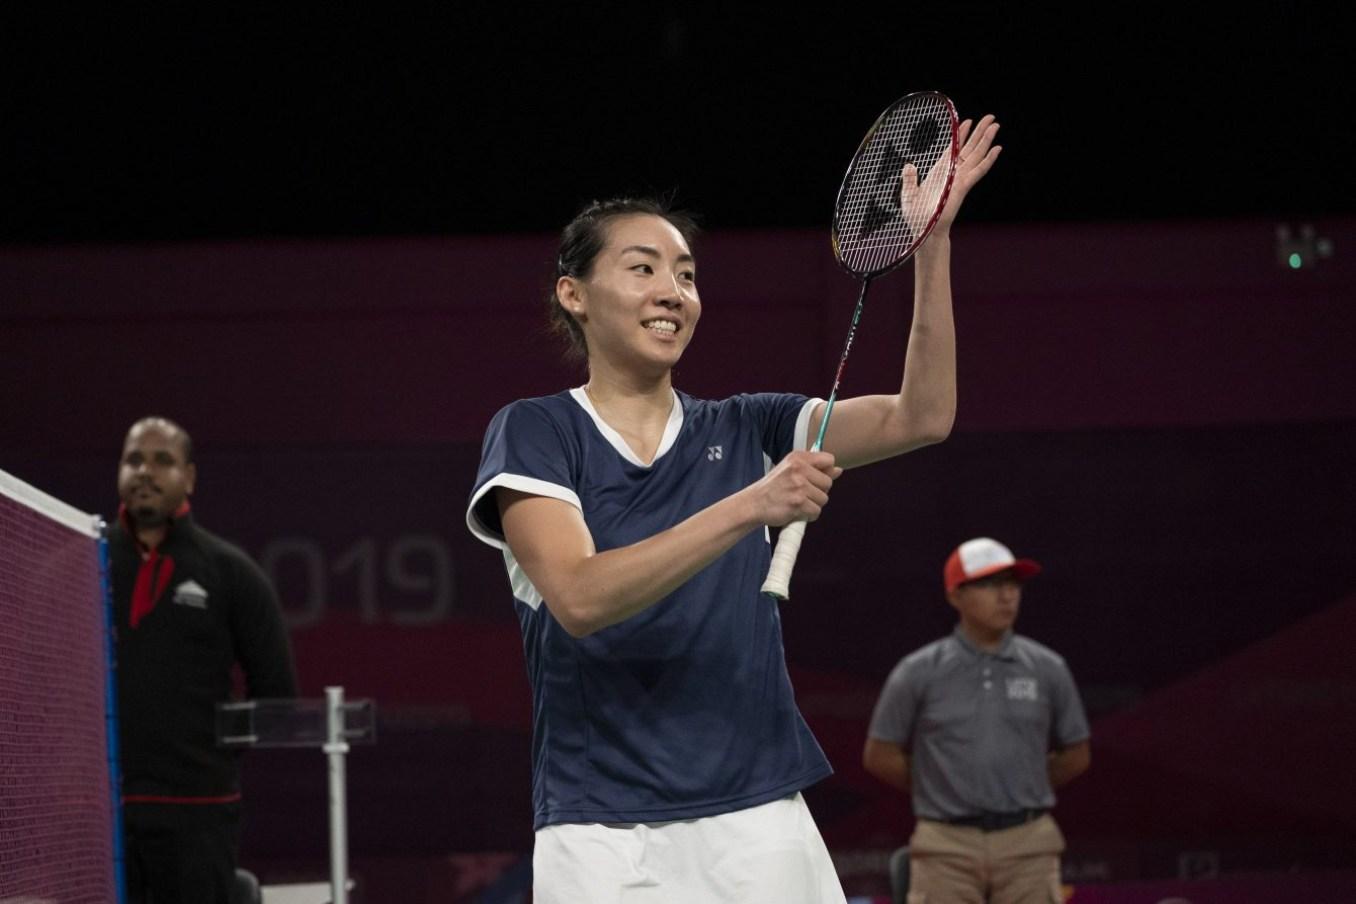 Michelle Li l'emporte sur Rachel Honderich lors de la finale du tournoi de badminton féminin aux Jeux panaméricains de Lima, au Pérou, le 2 août 2019. Photo : Dave Holland/COC